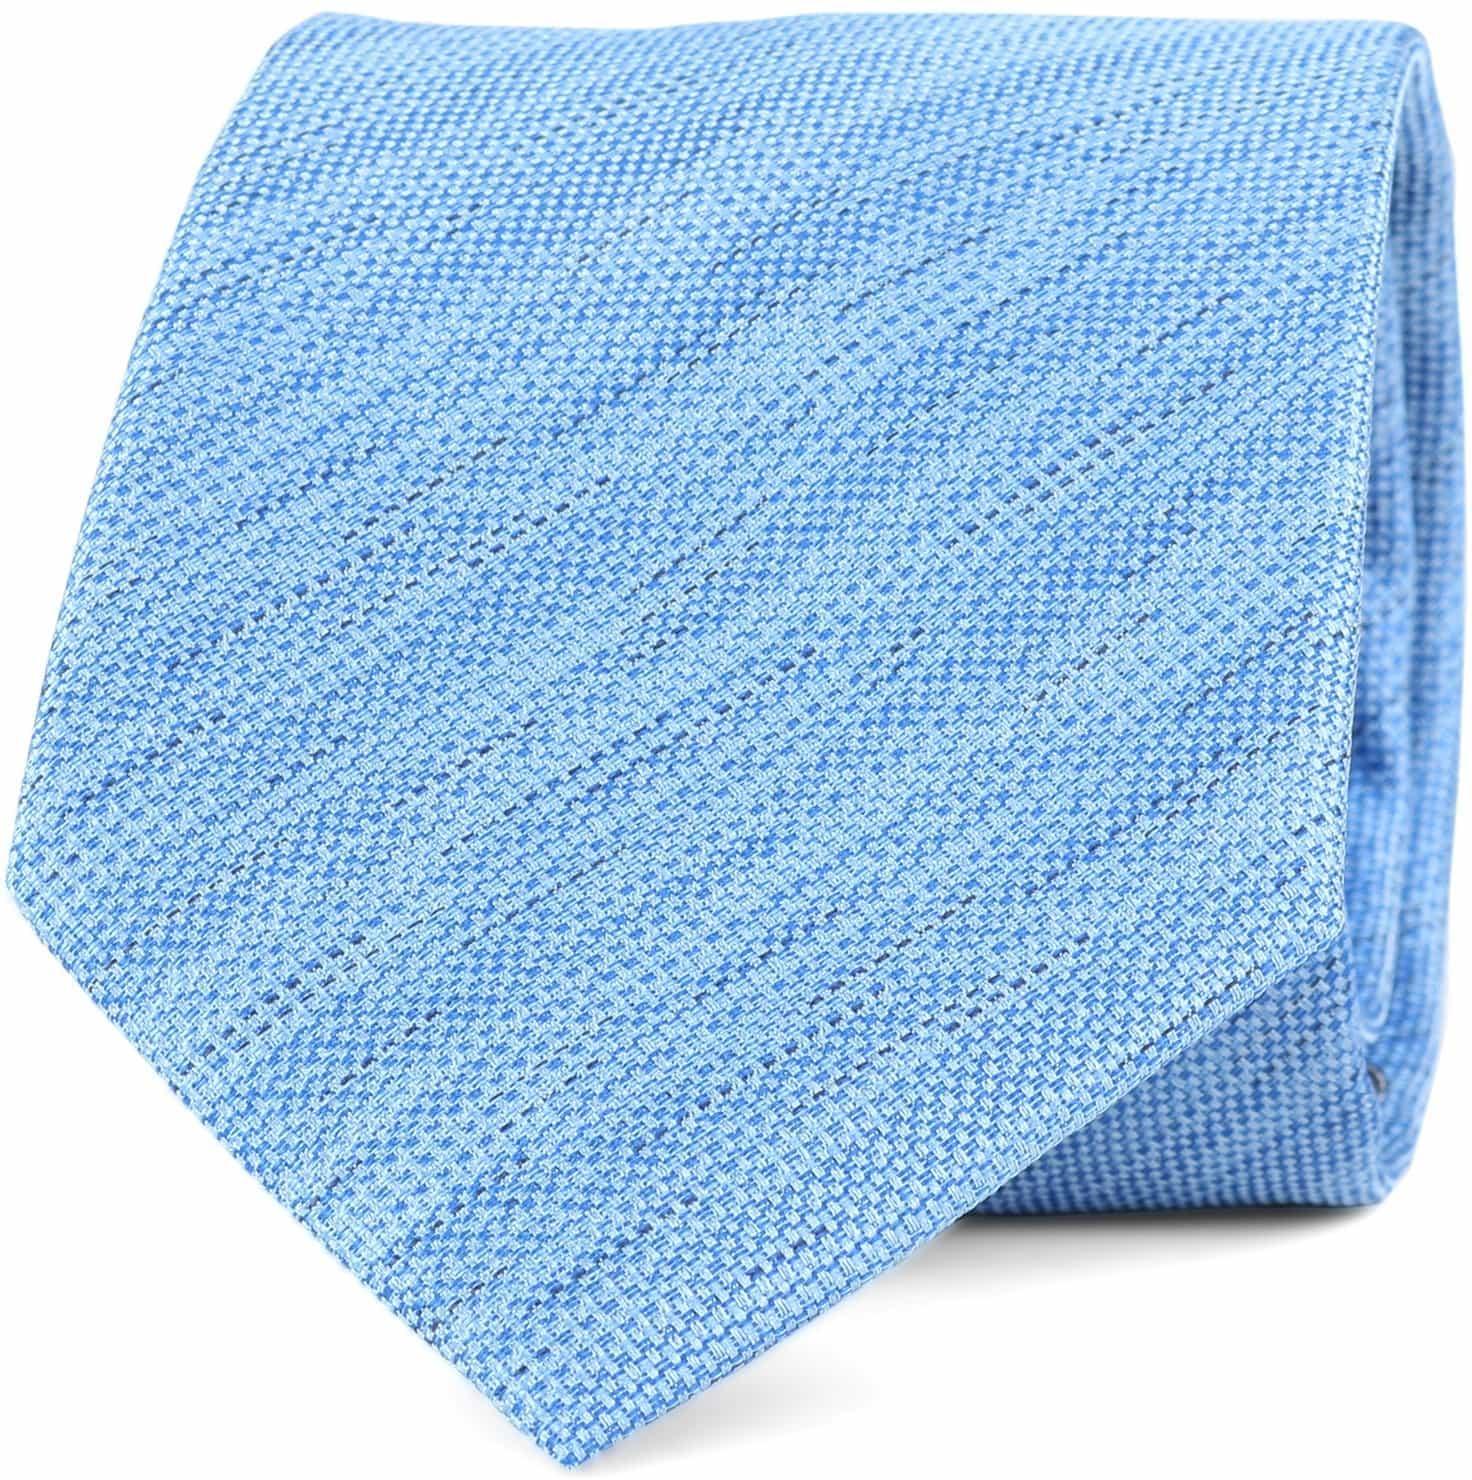 Krawatte Seide Hellblau 9-17 foto 0